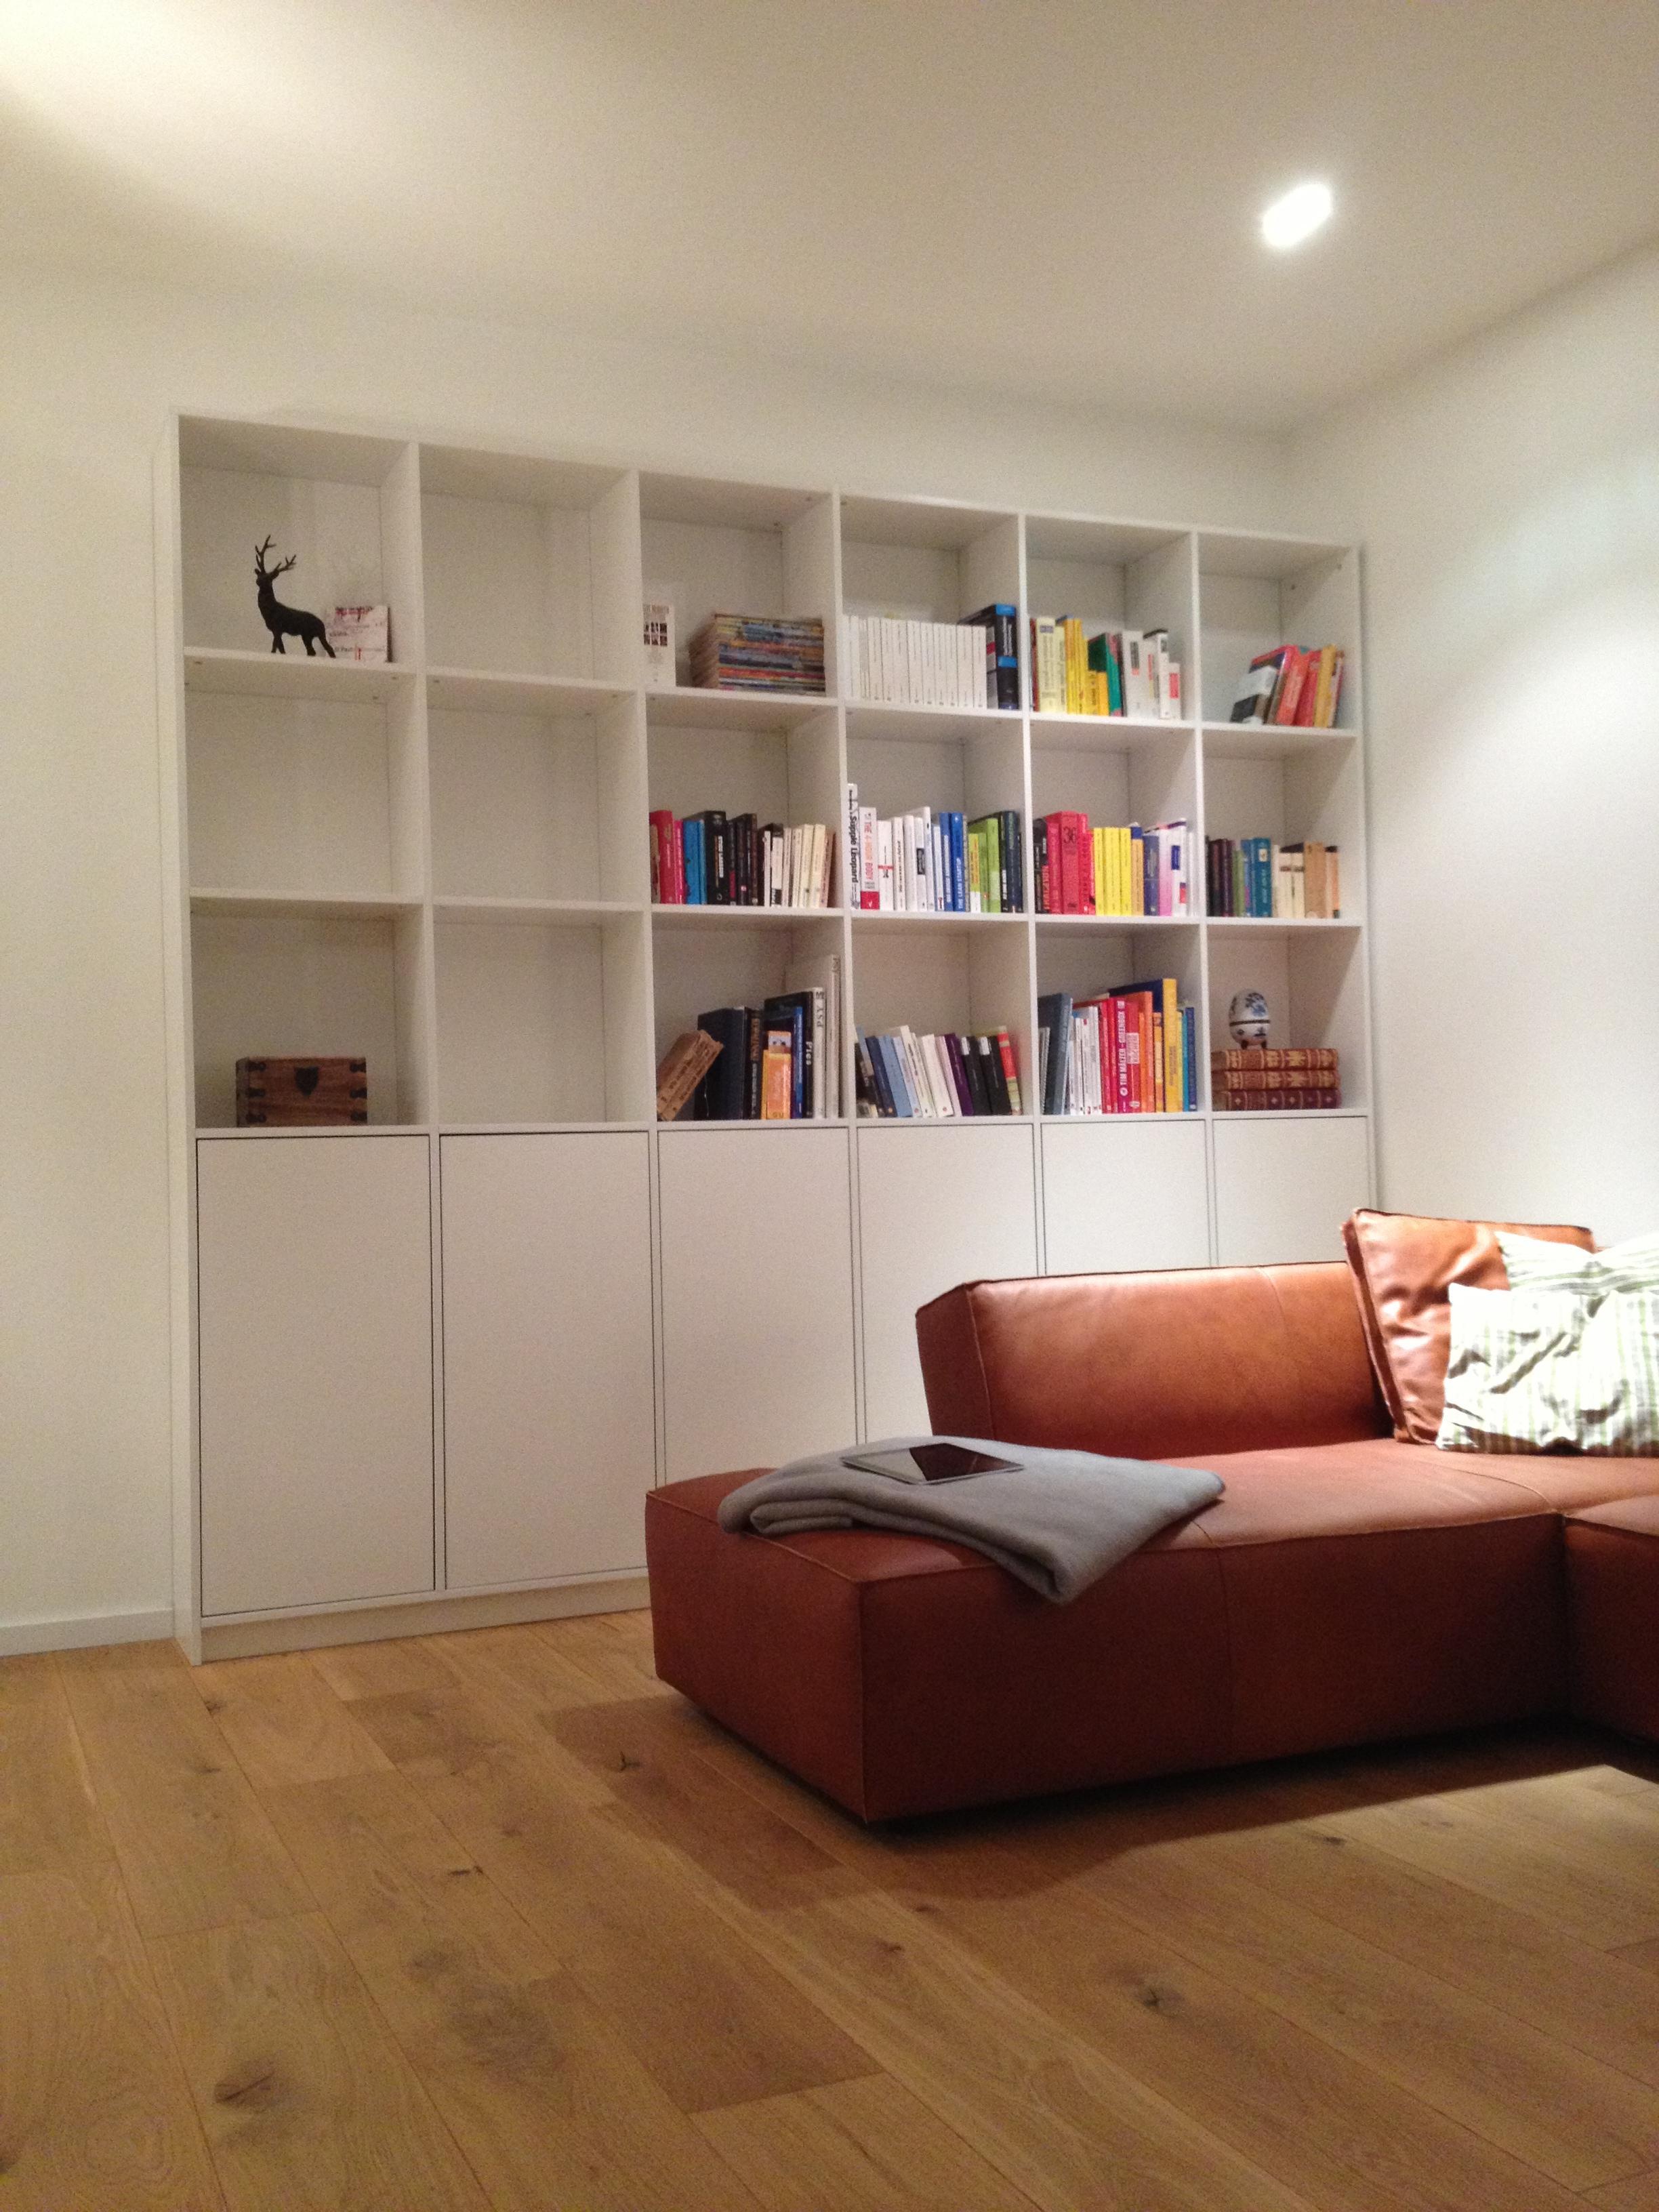 Stilvolle Wohnwand #regal #arbeitszimmer #bücherregal #wohnzimmer #wohnwand  ©Pickawood